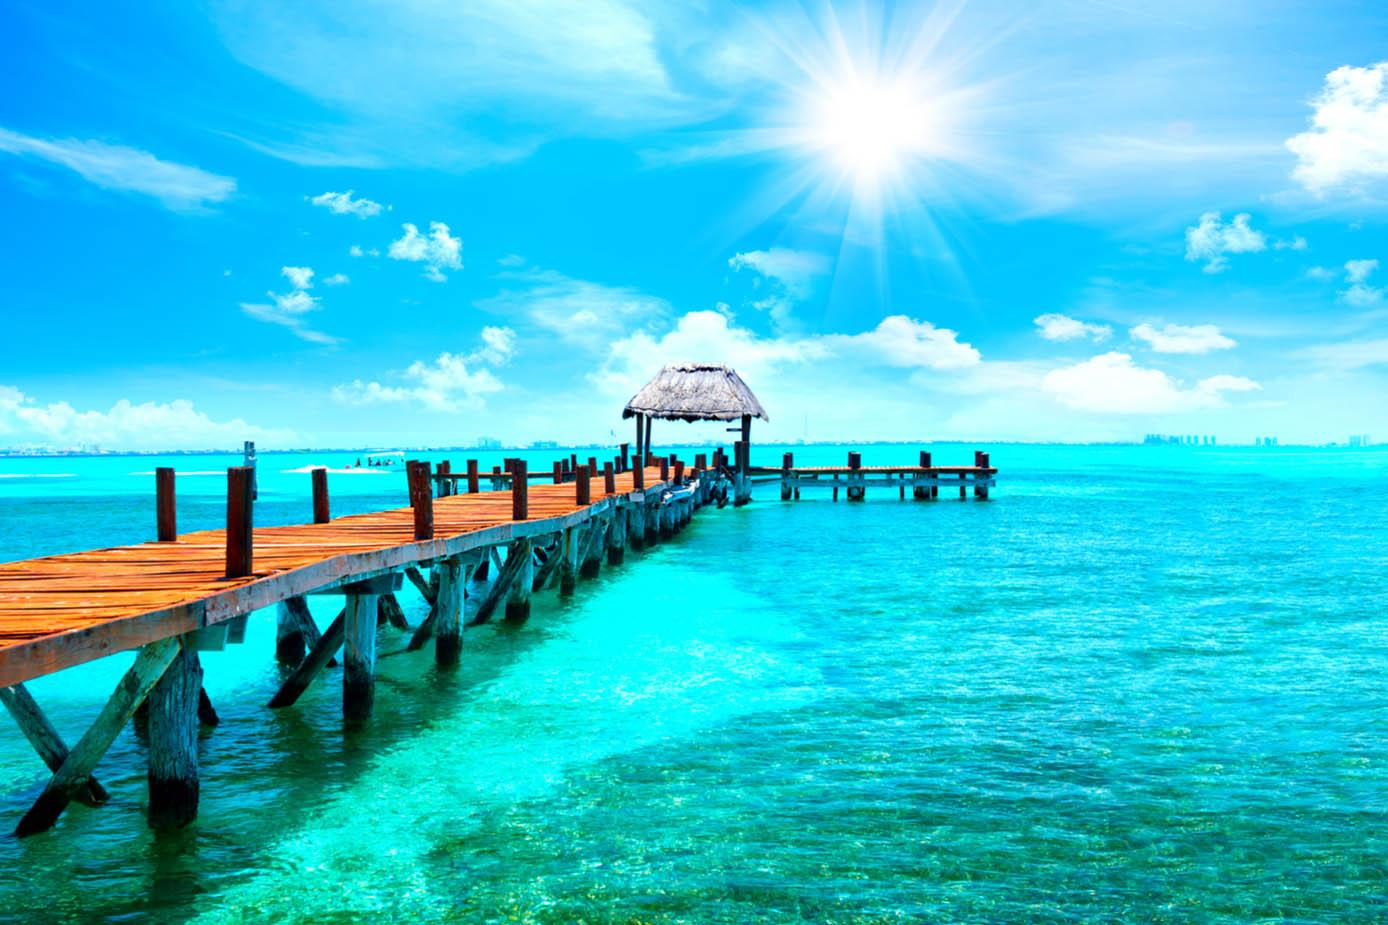 que hacer en Cancun: Disfrutar de las playas - Avantrip Blog